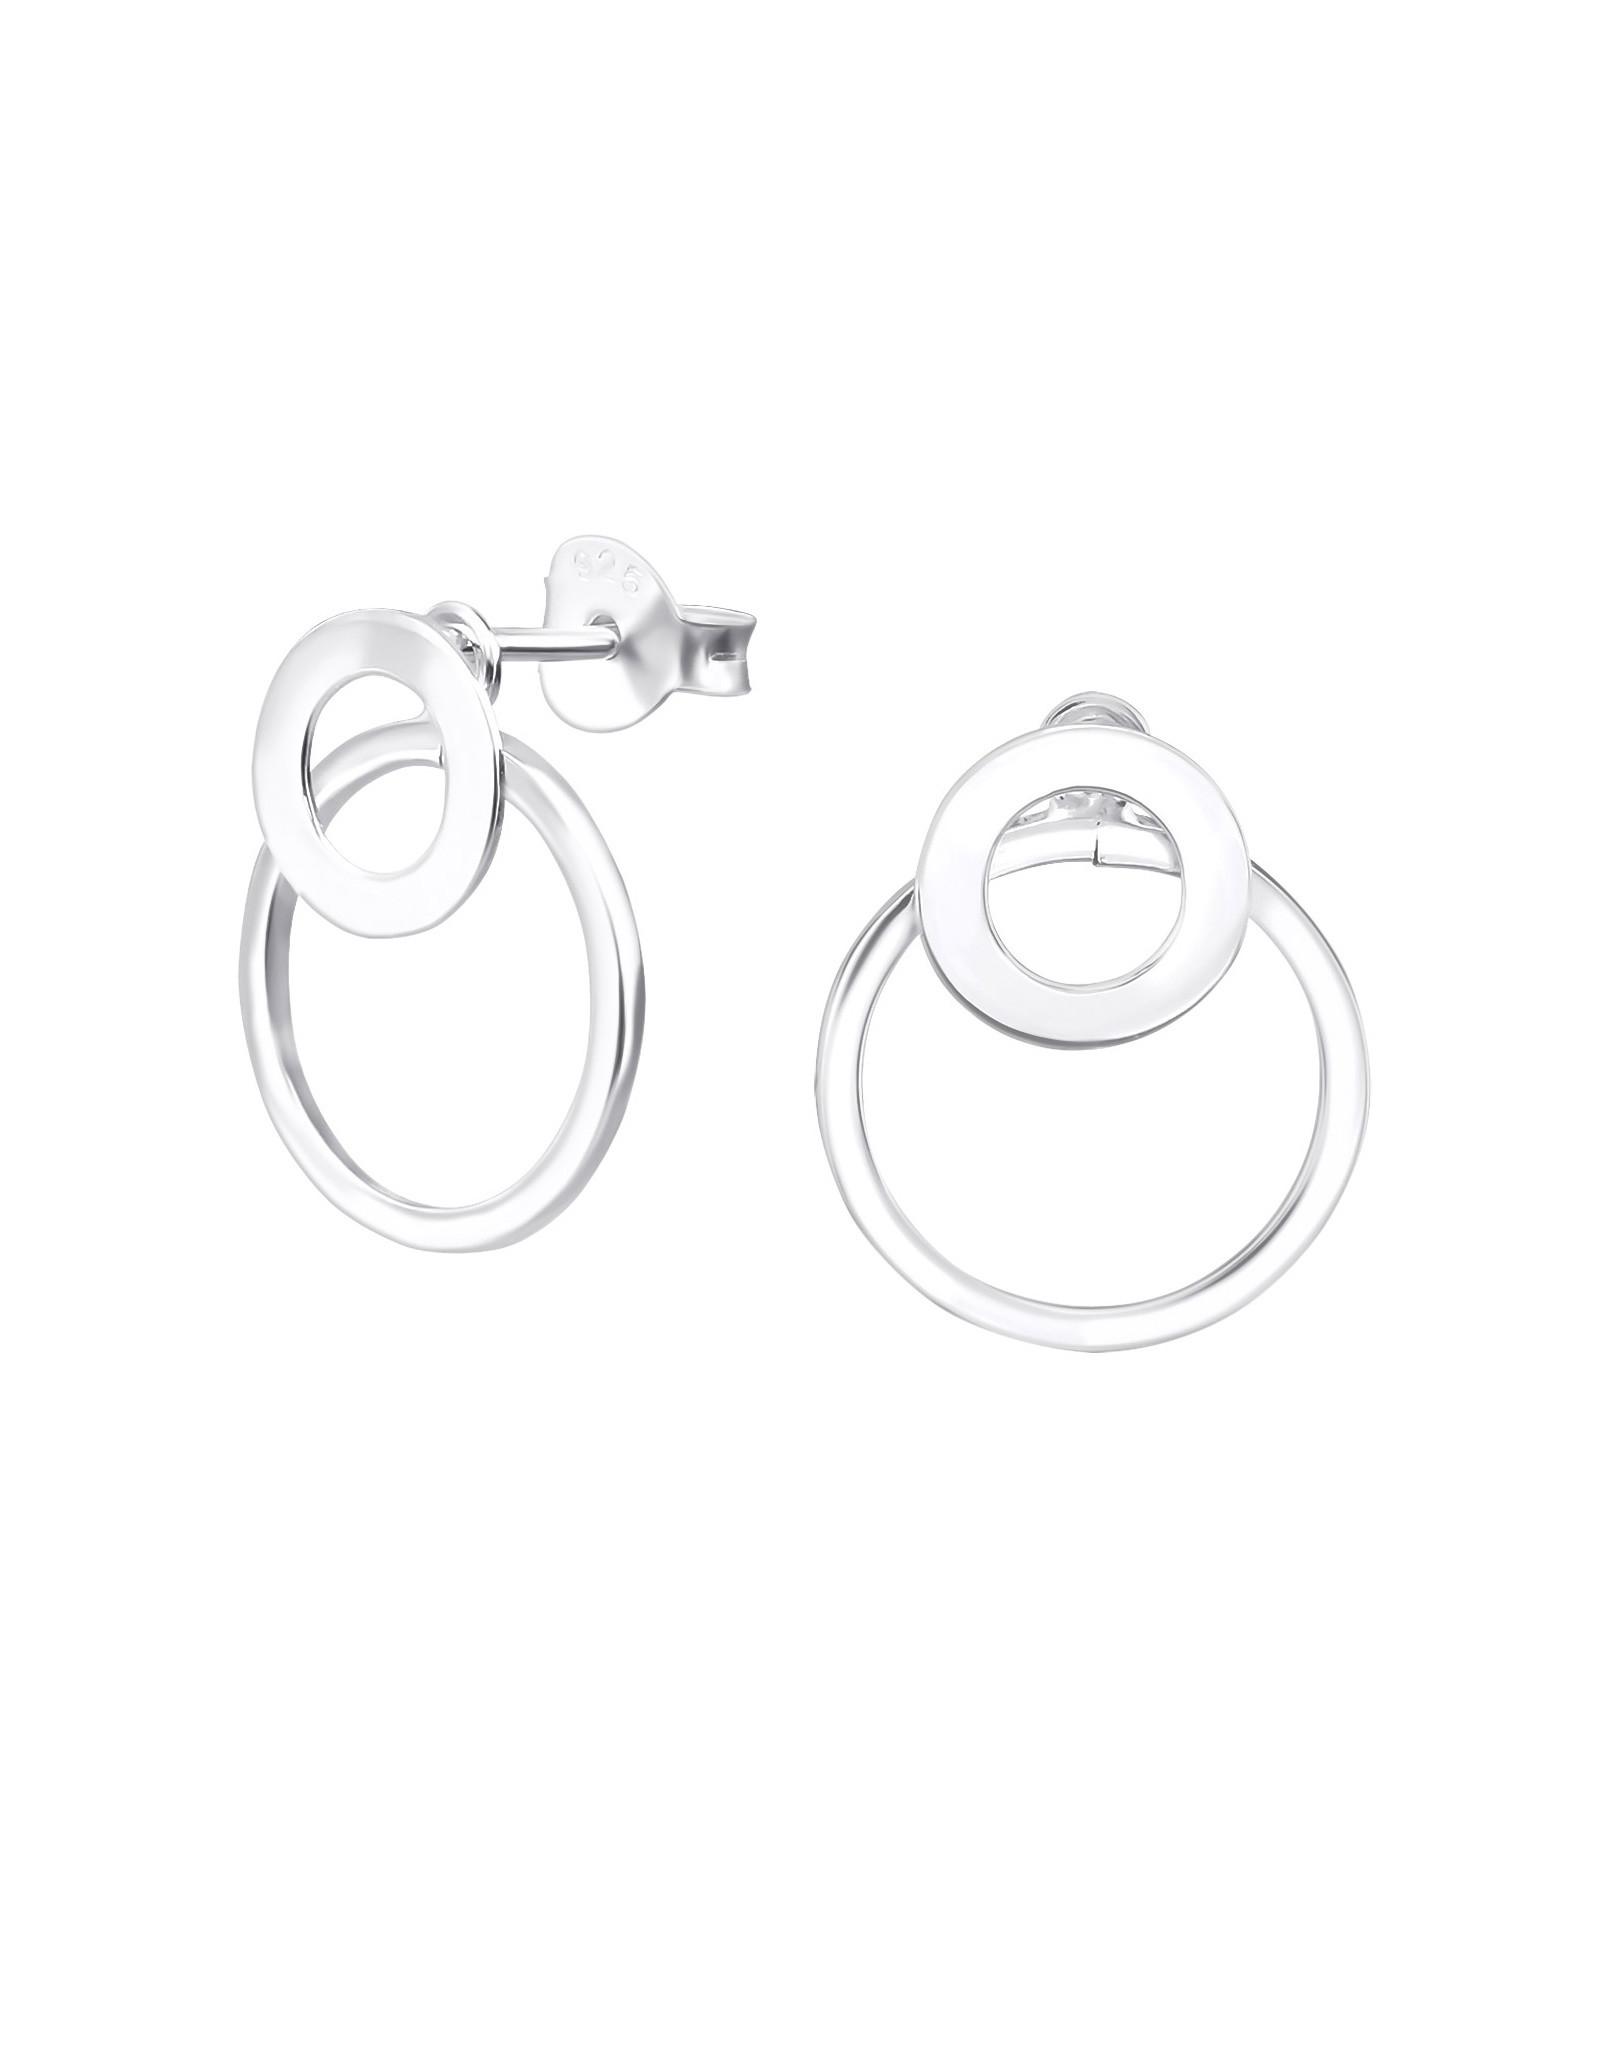 Stekertjes zilver dubbele ring klein